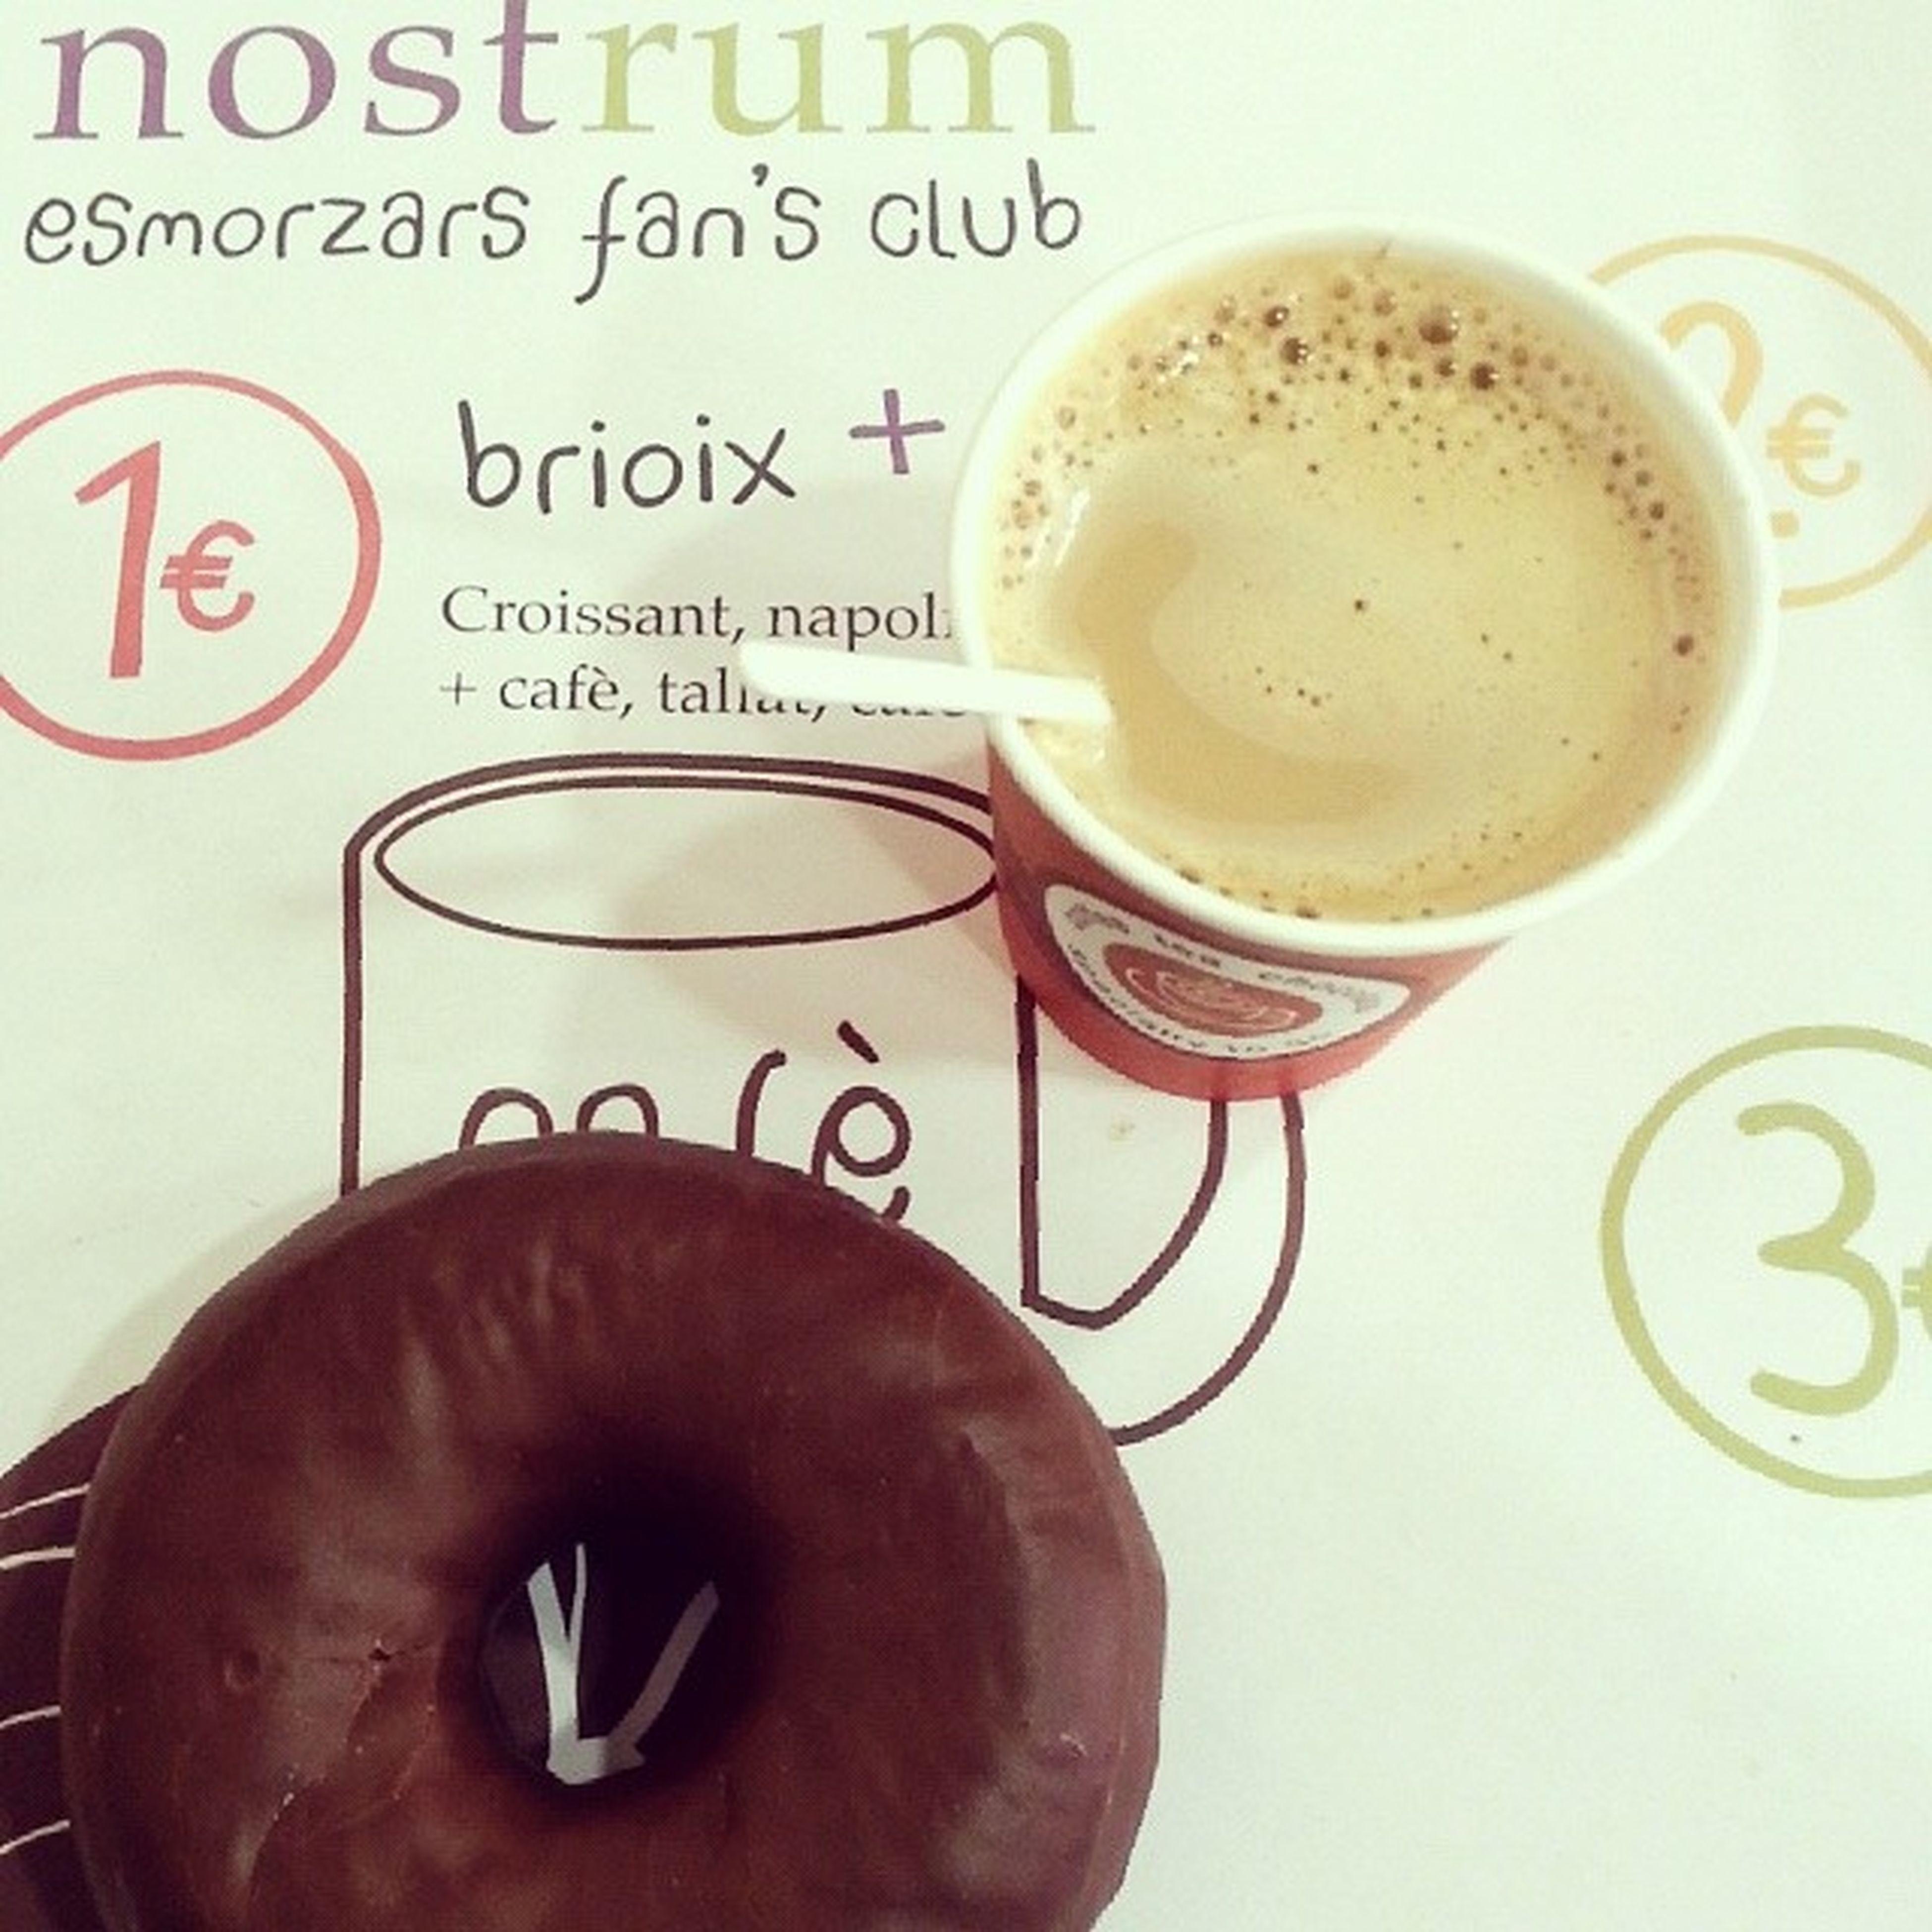 No puedo descubrir estas ofertas! Desayunos a 1€ en Nostrum ? (Caf é + Bolleria). Mi dieta a tomar viento ....